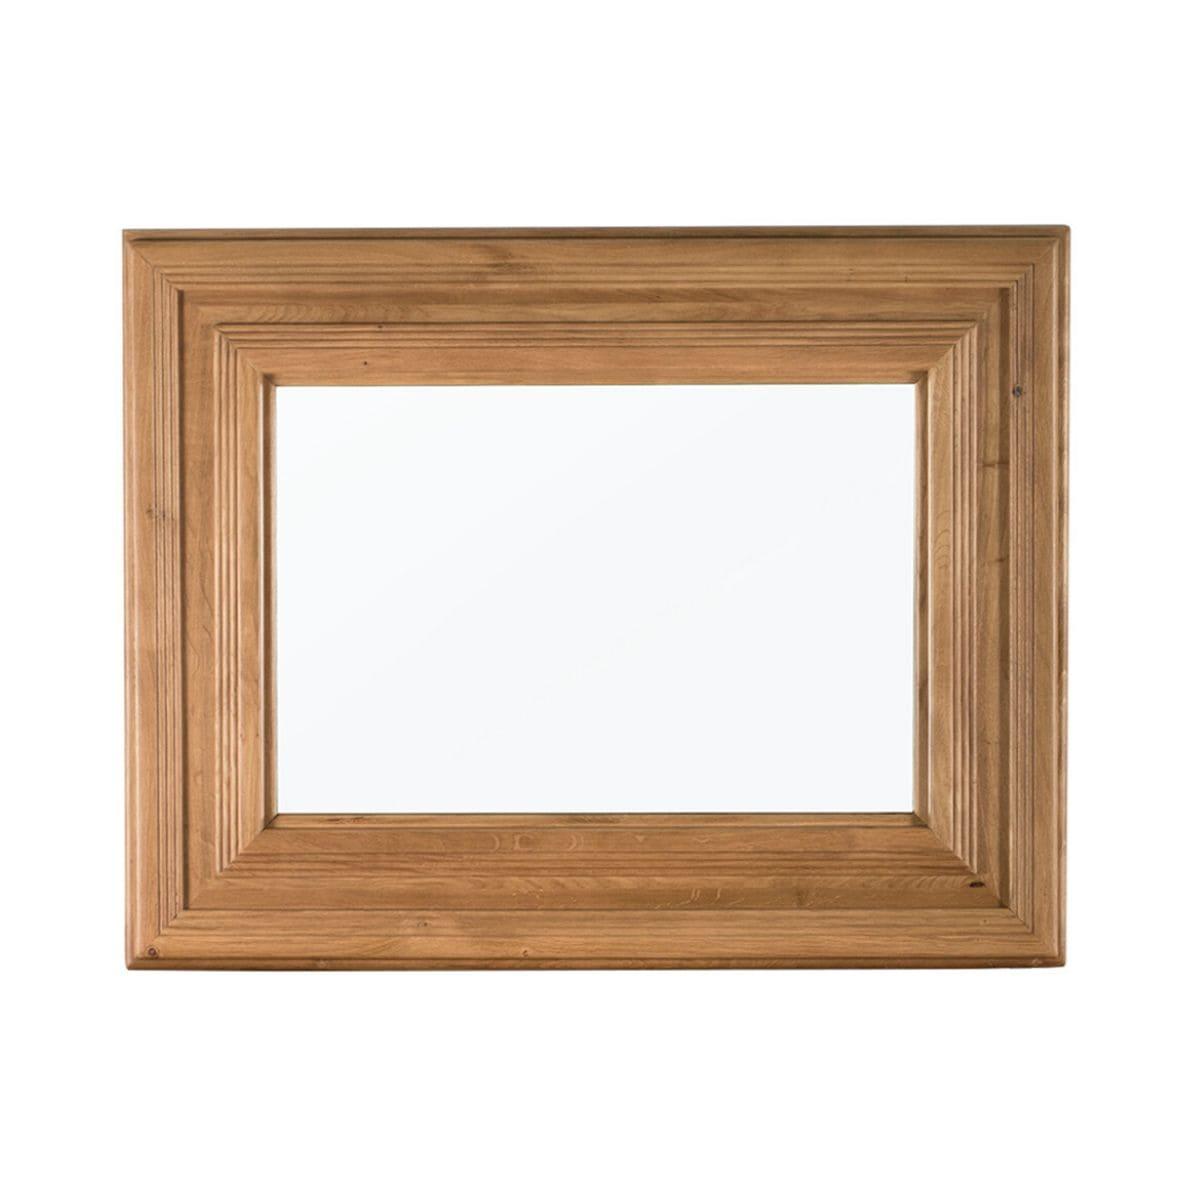 Dunloe Framed Mirror